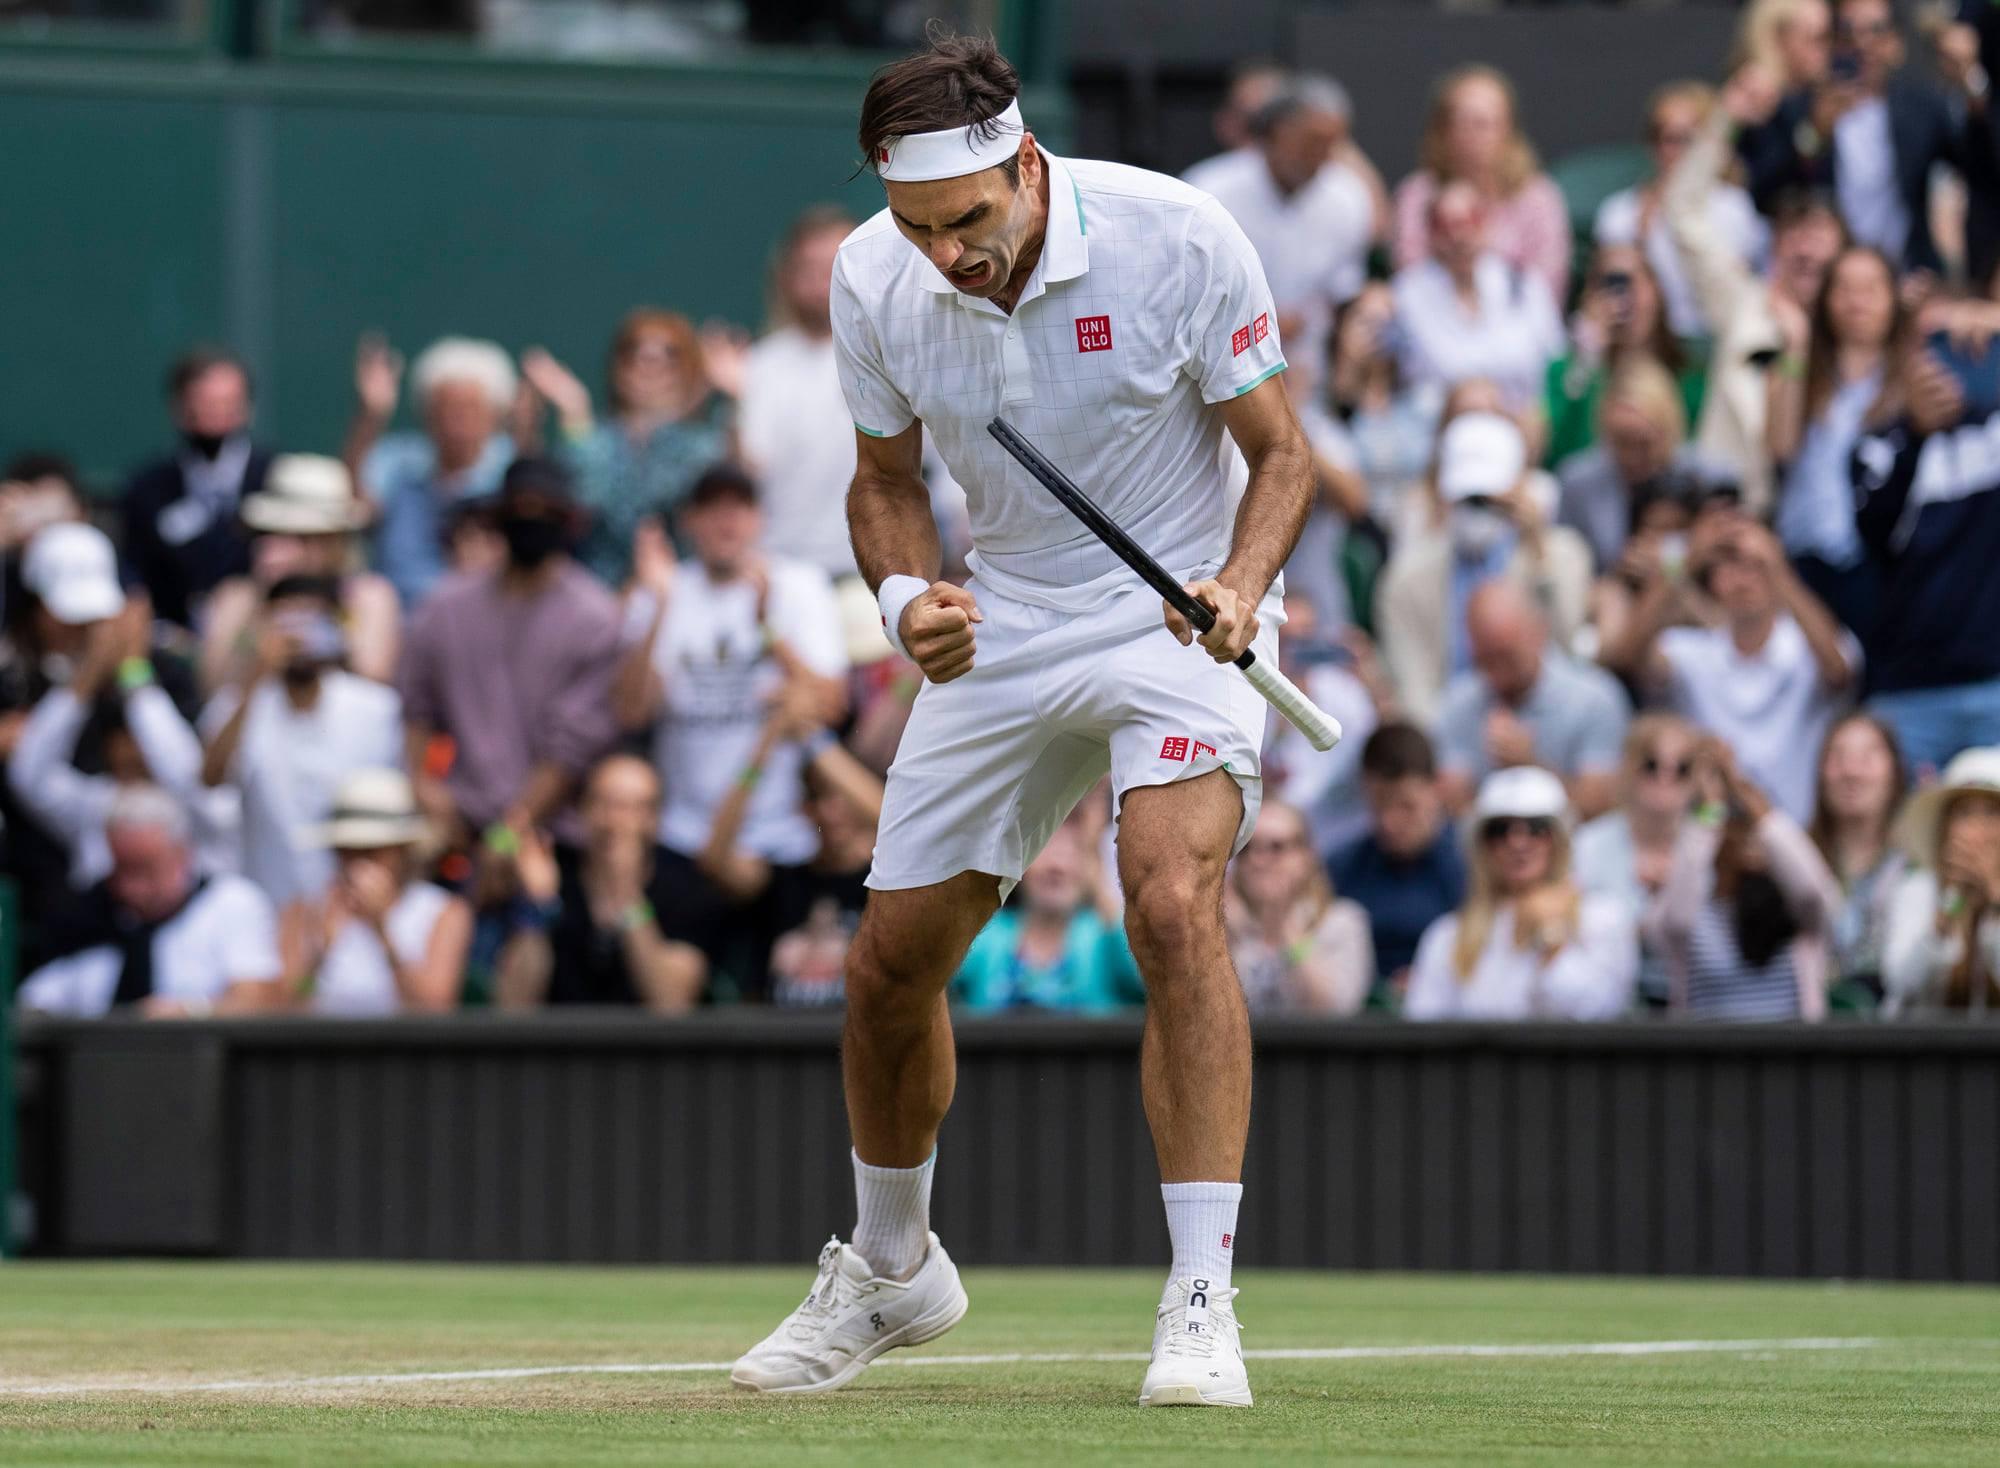 212751044 10158522155098732 1497902239336812045 n - Federer z zagotovljeno vstopnico za drugi teden Wimbledona